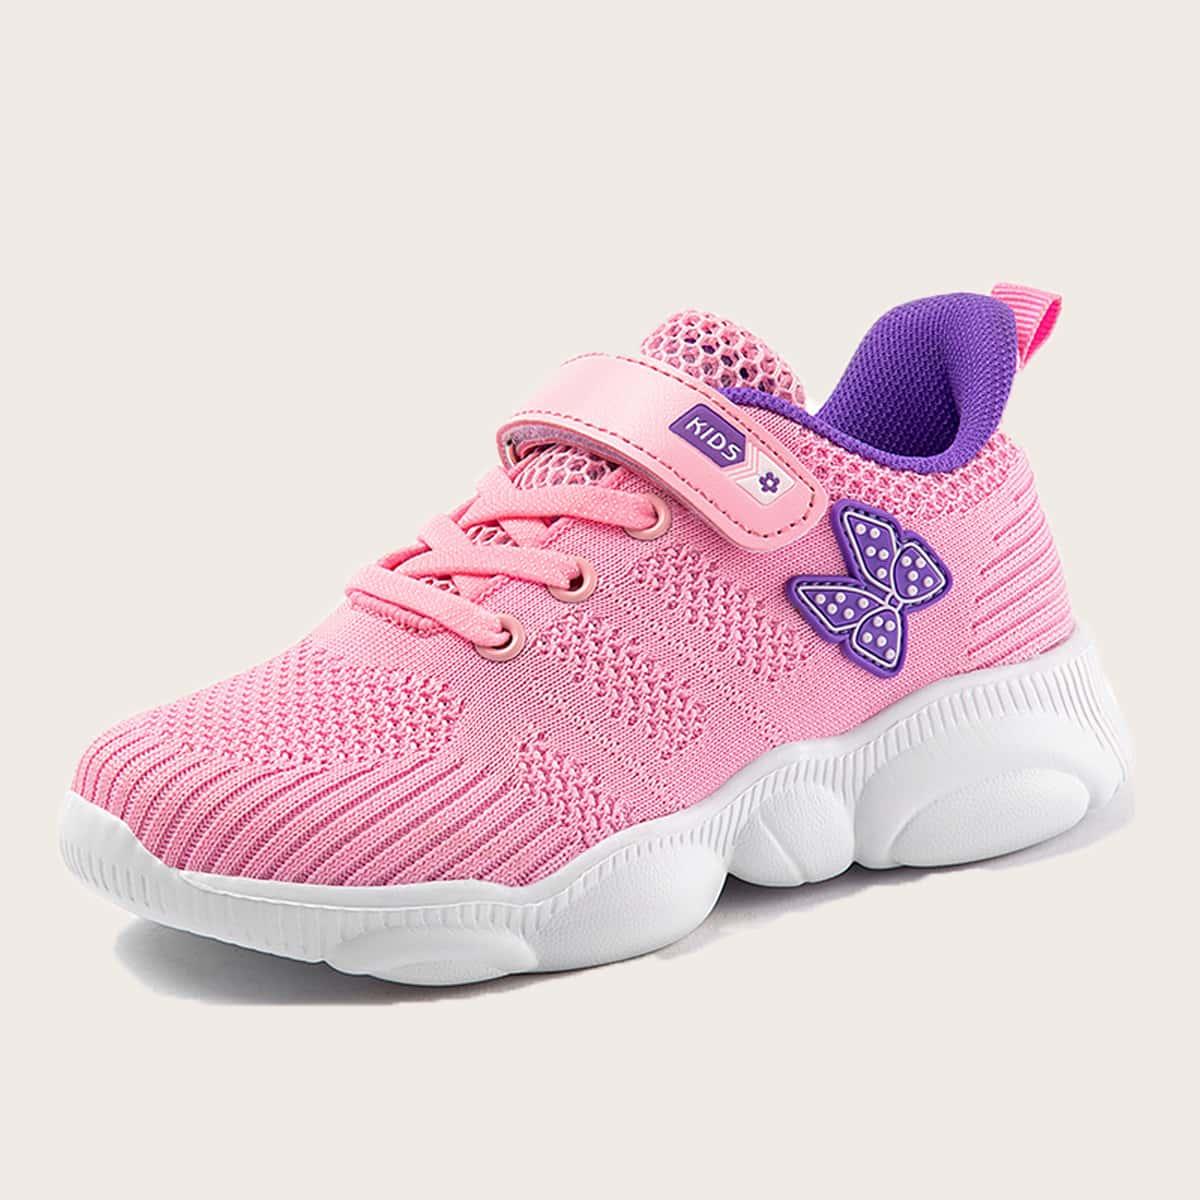 Дышащие кроссовки для девочек с аппликациями от SHEIN